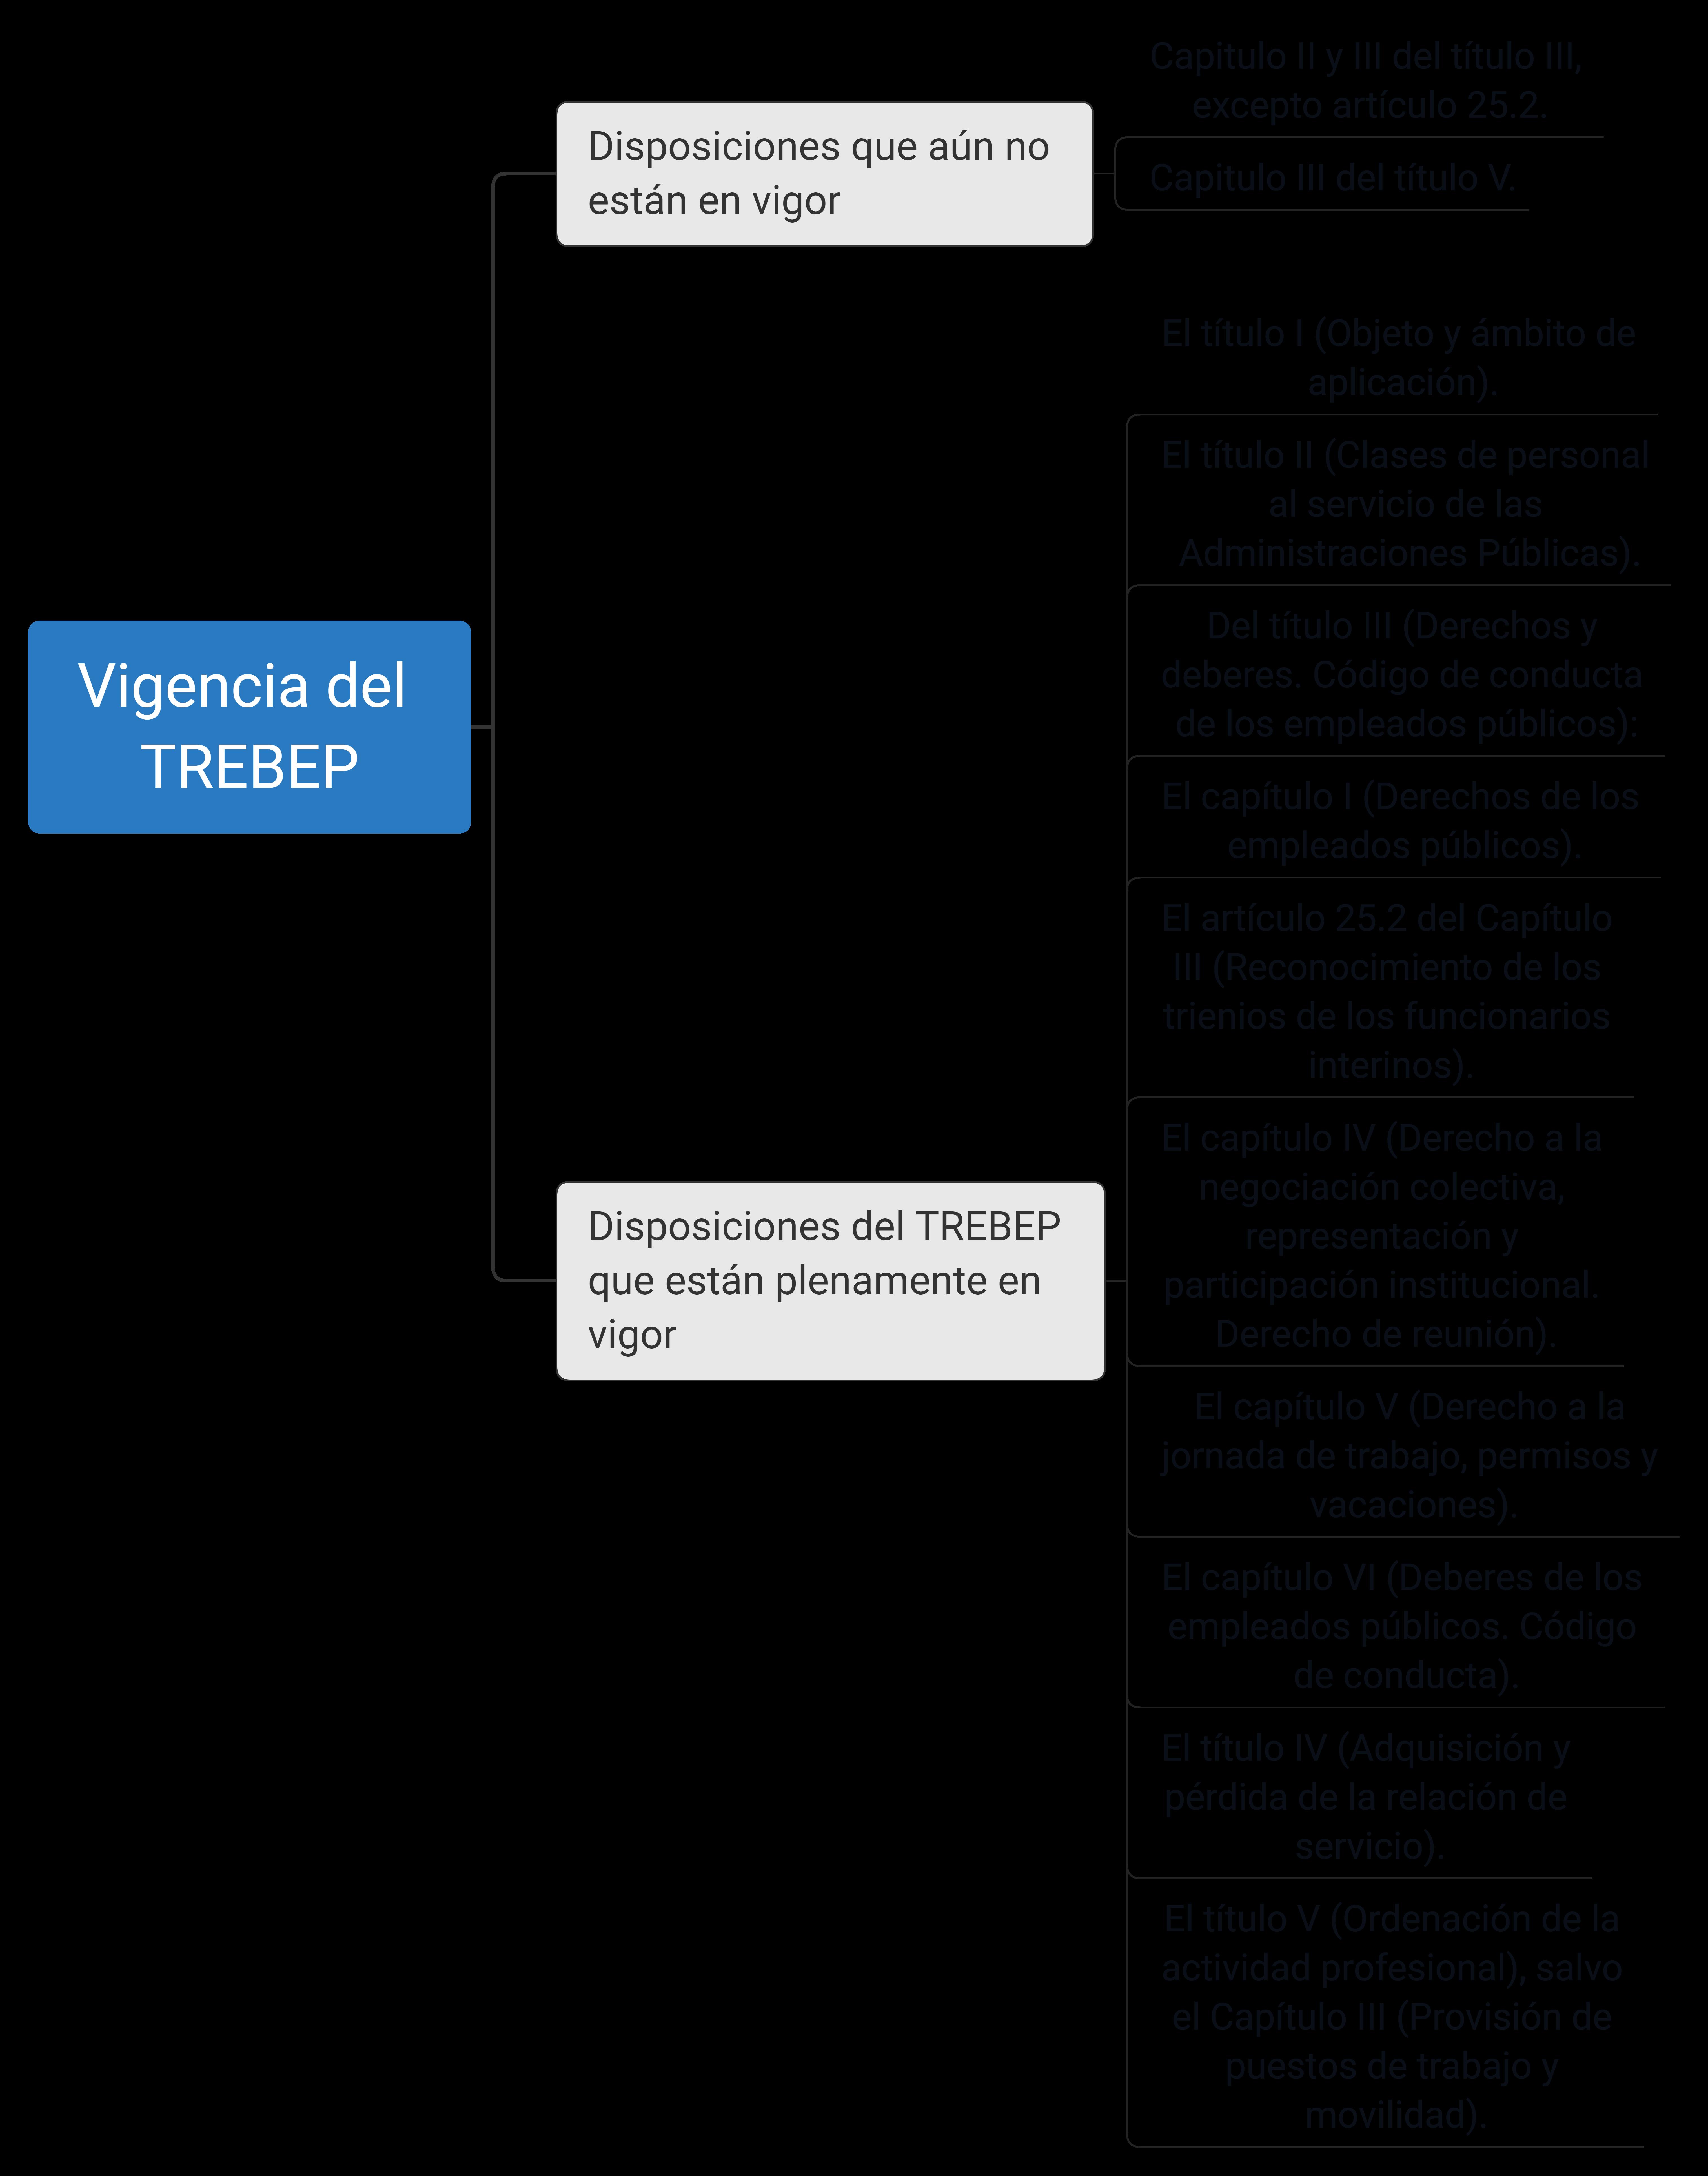 Esquema articulos en vigor del TREBEP